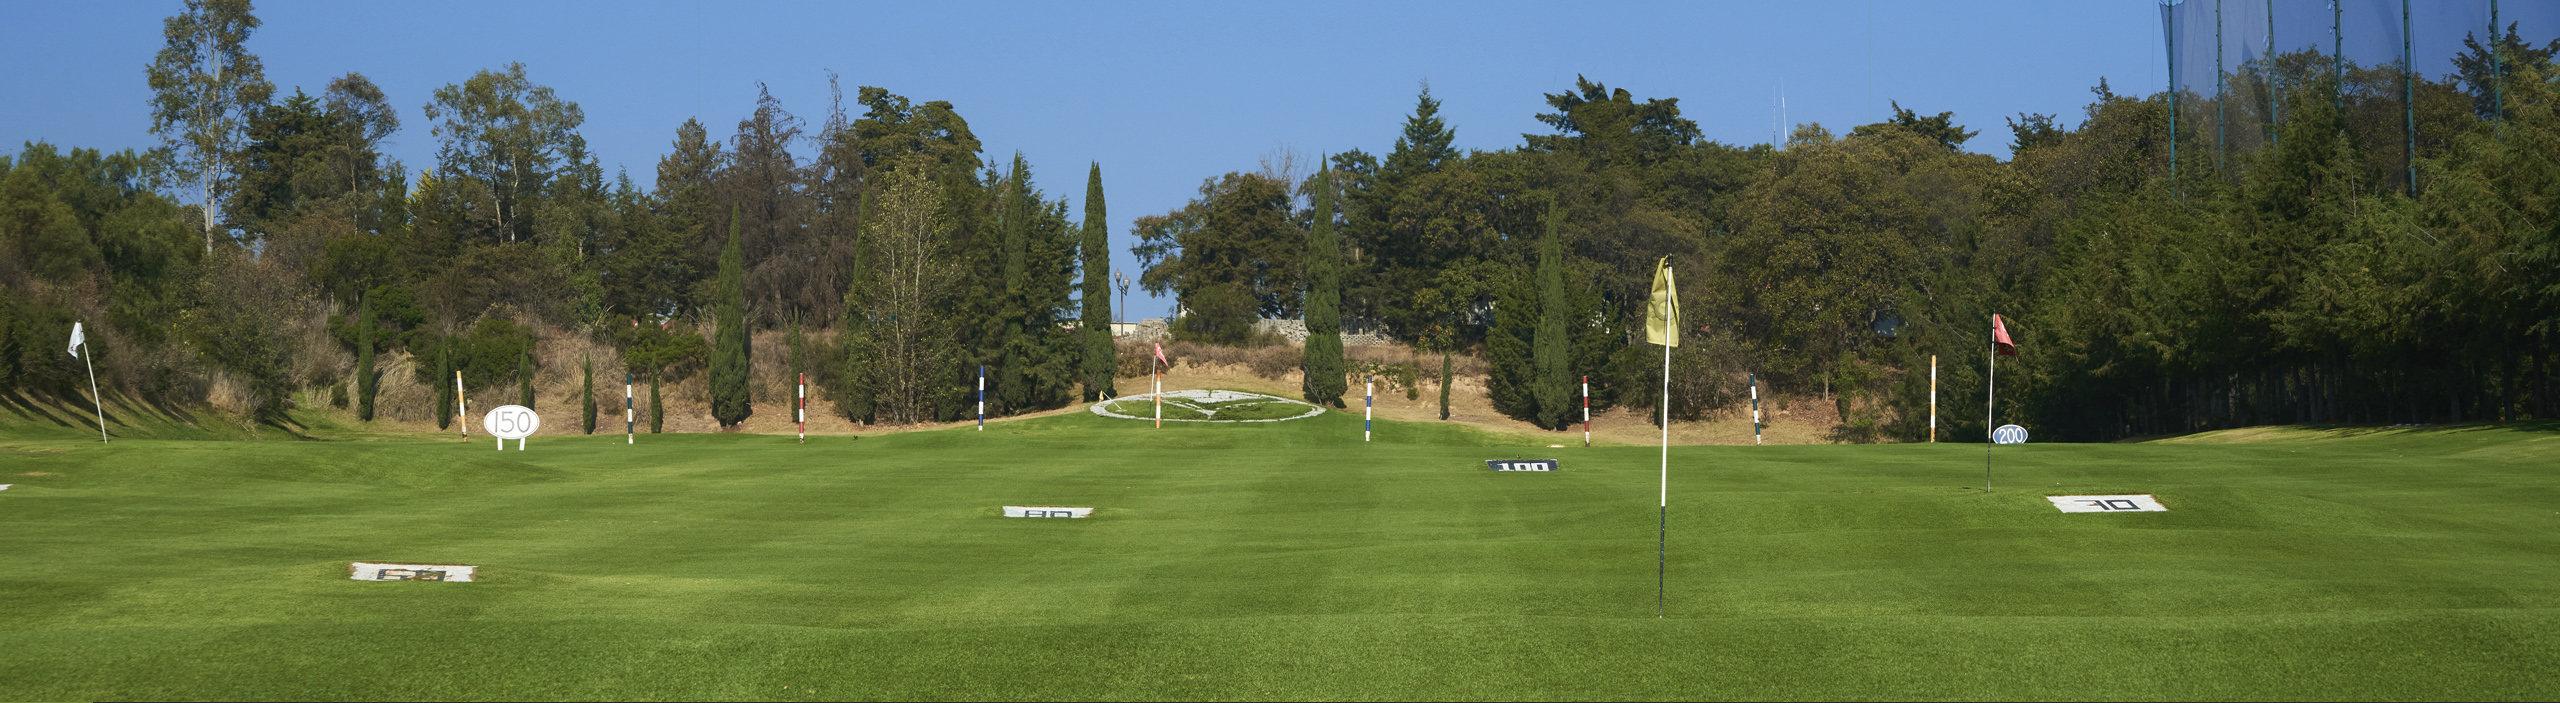 Campo de Golf para practicar